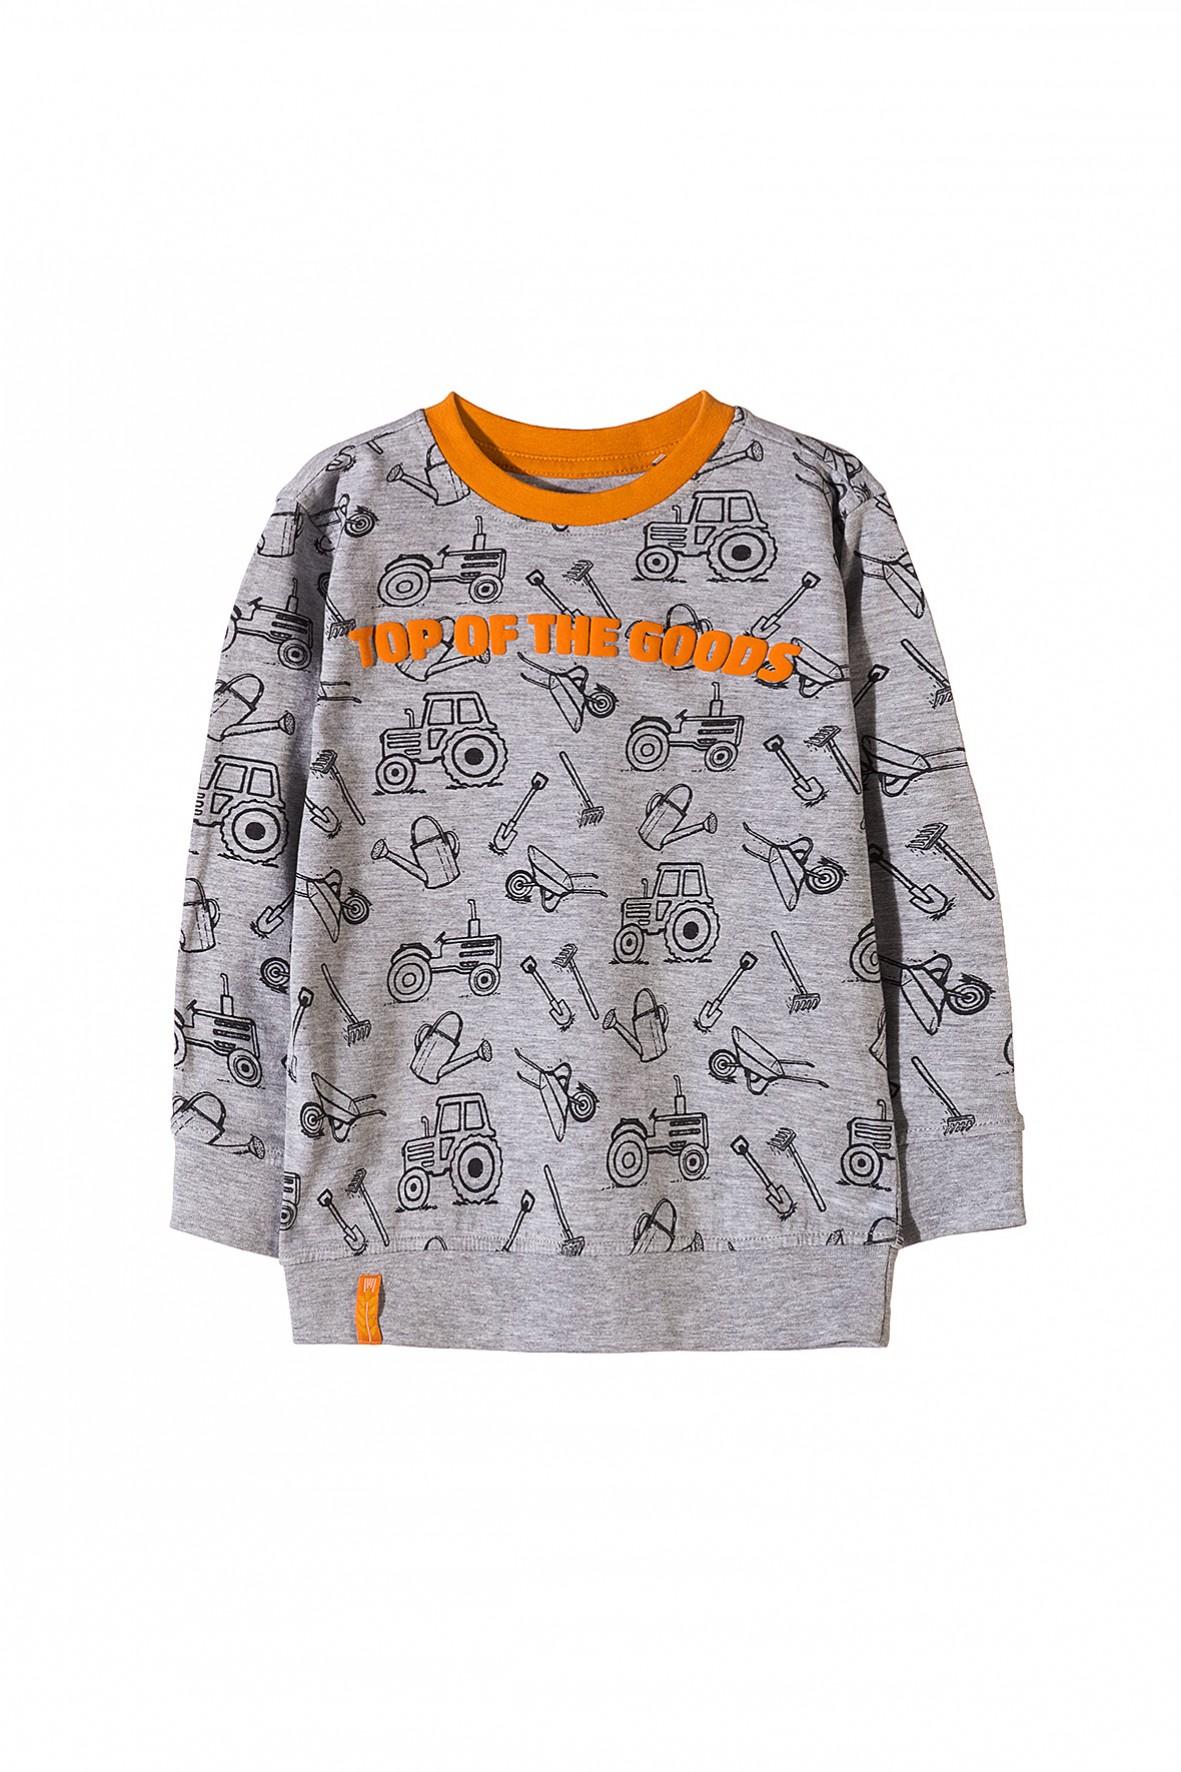 Bluzka chłopięca szara z pomarańczowymi dodatkami